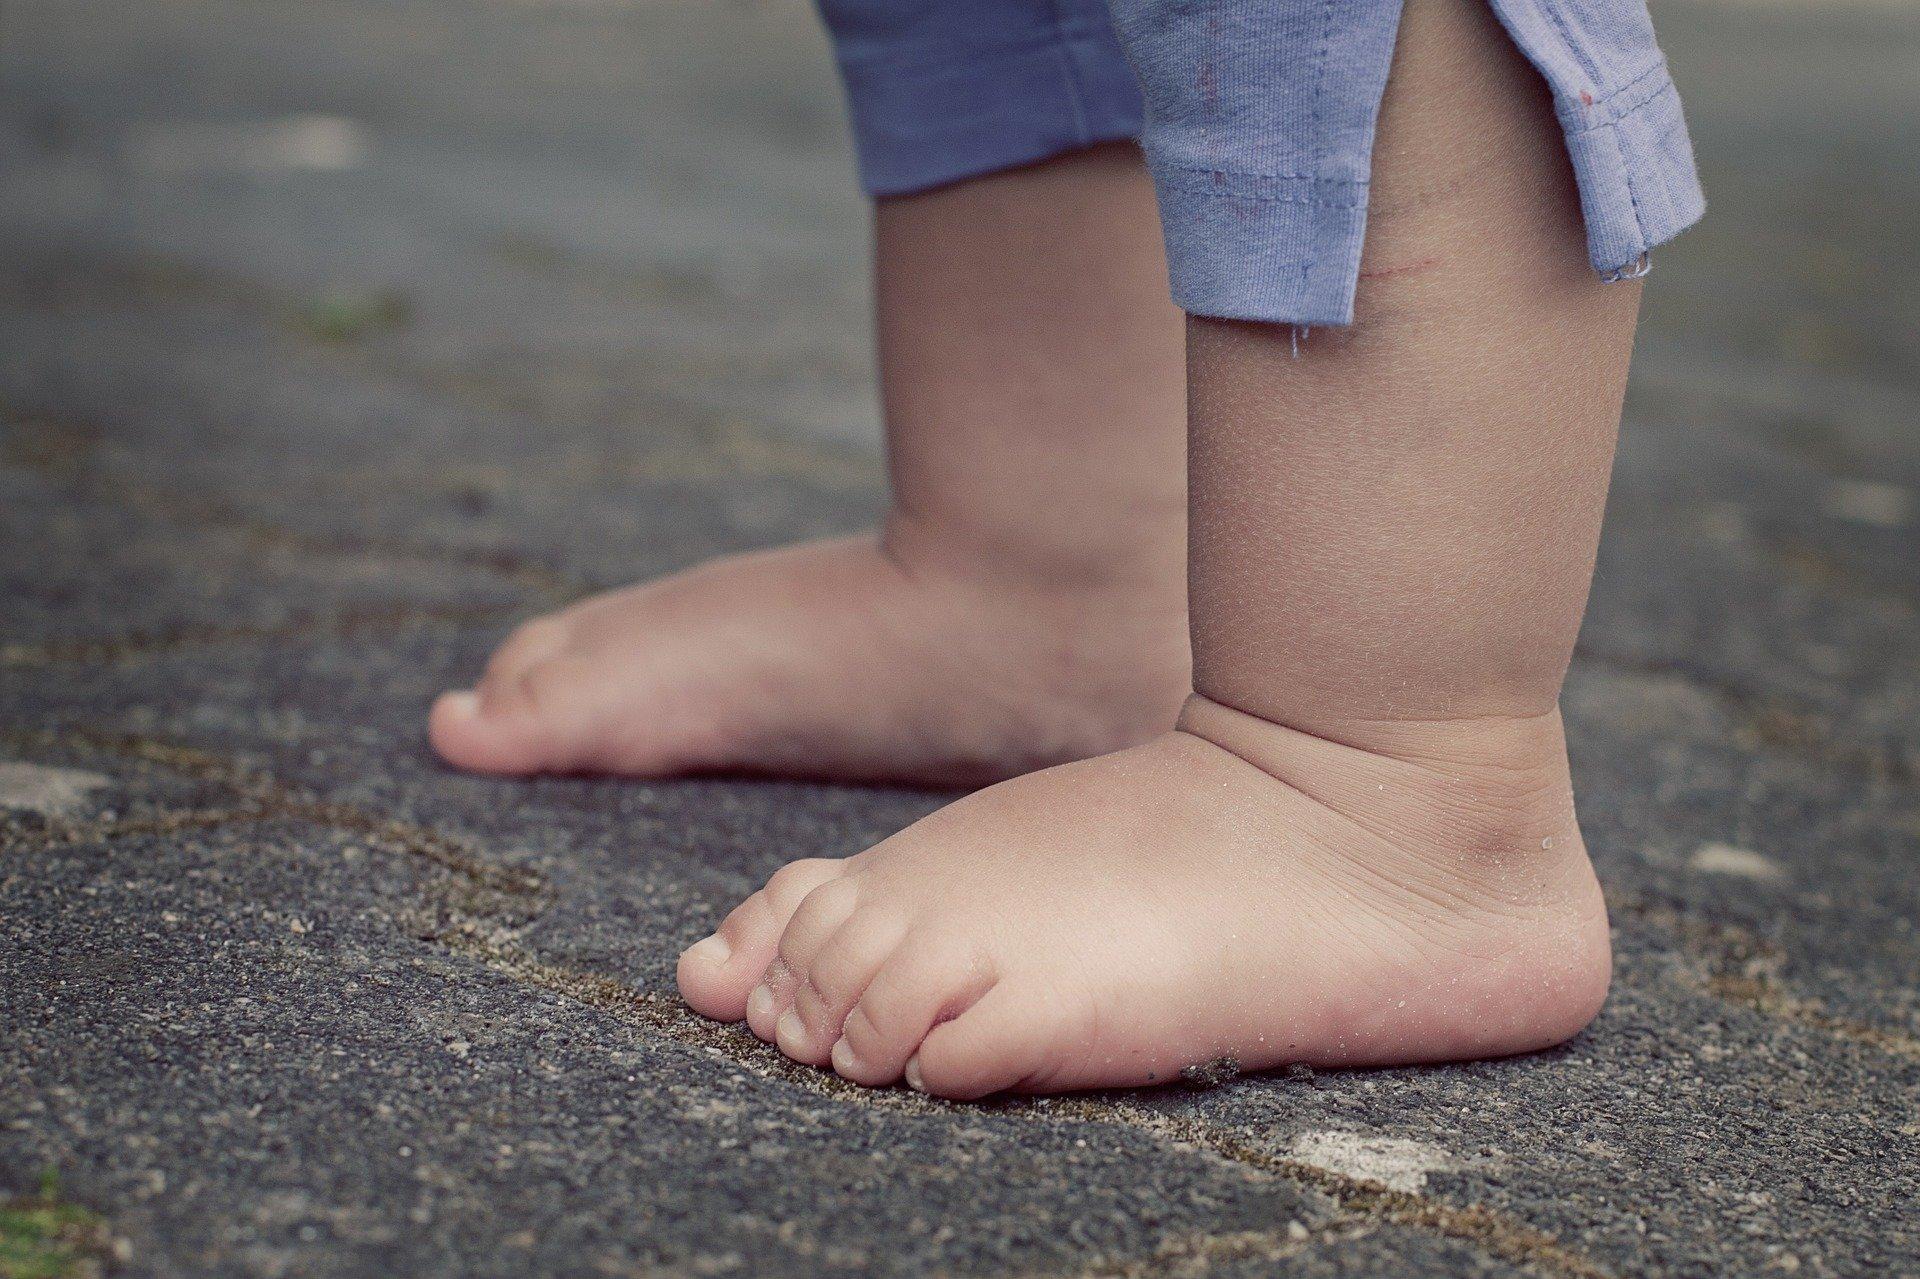 grzybica paznokci i stóp u dziecka